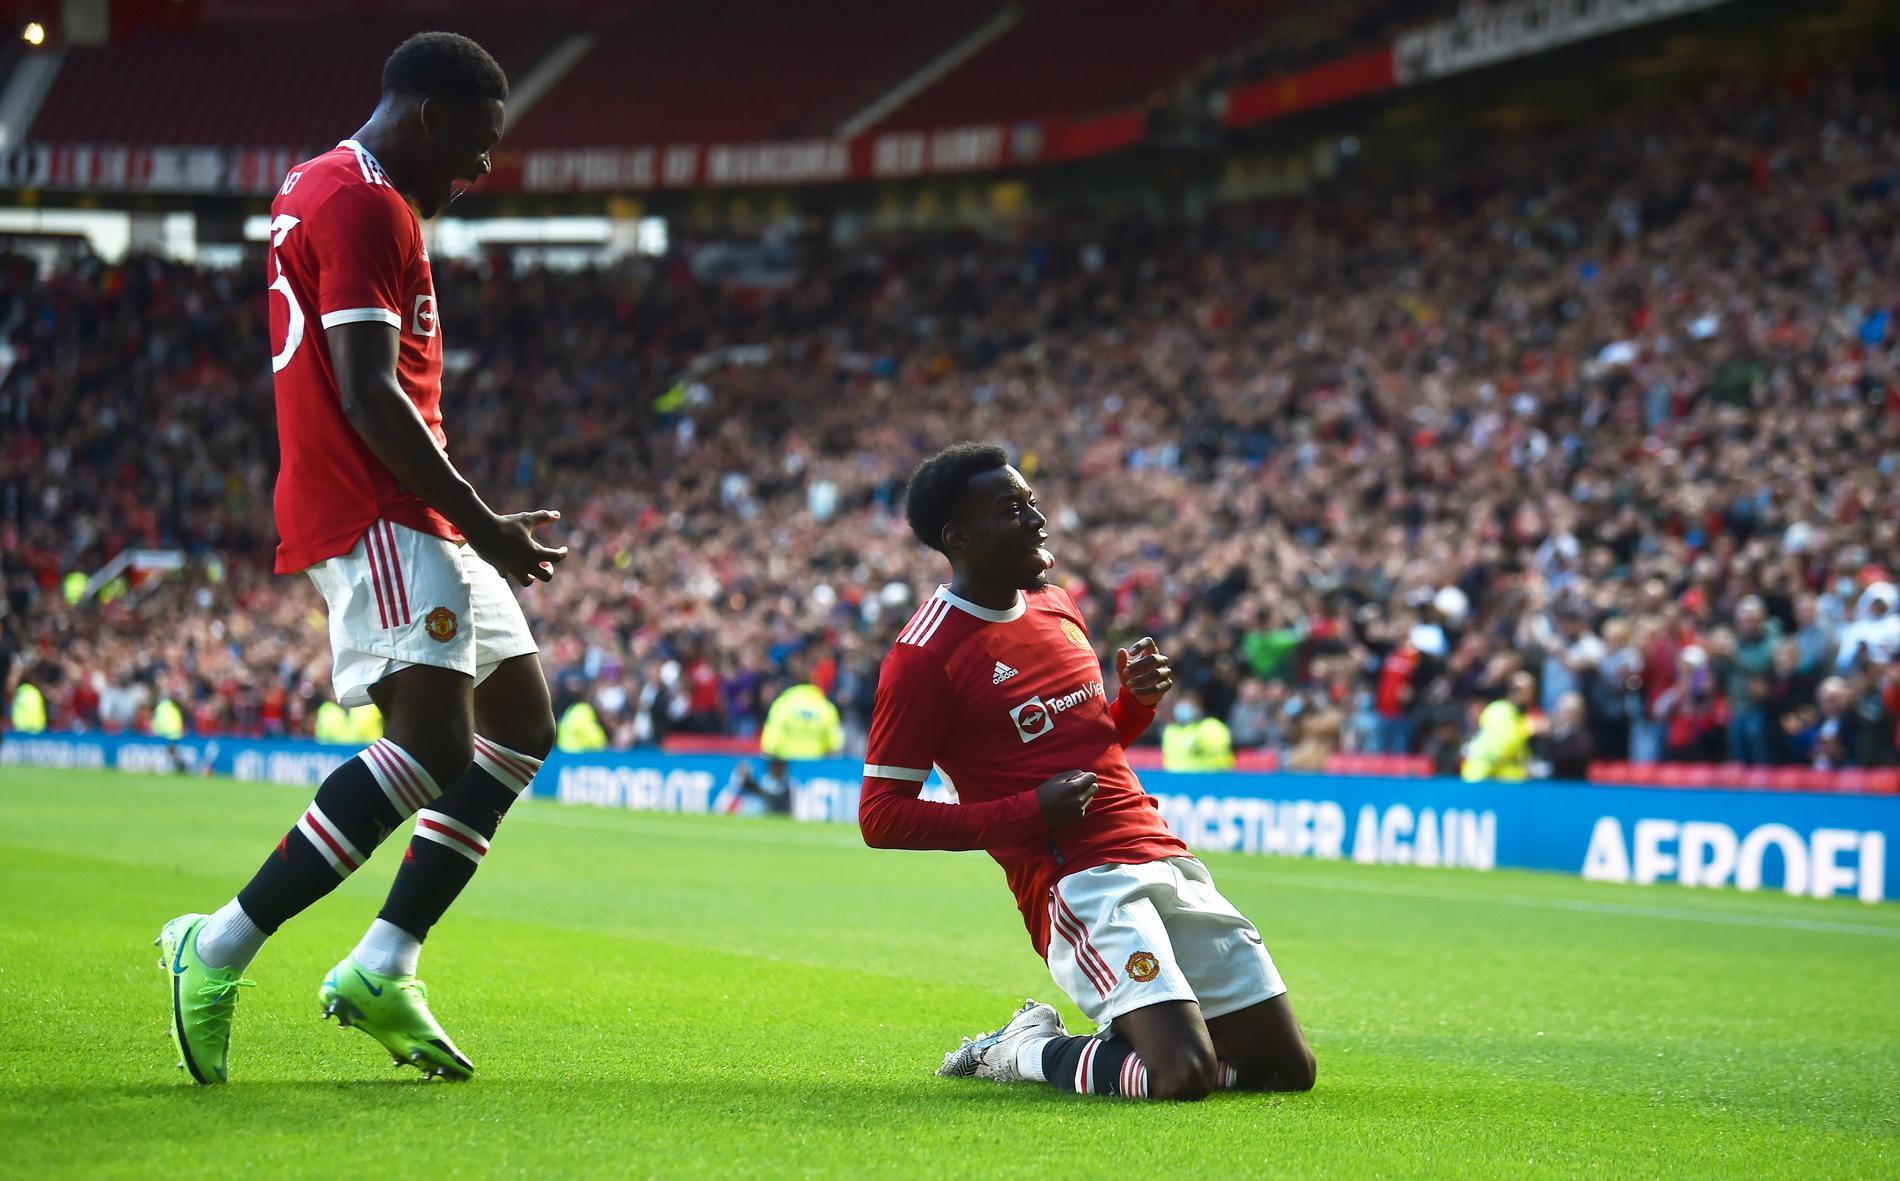 Anthony Elanga firar sitt mål på Old Trafford.